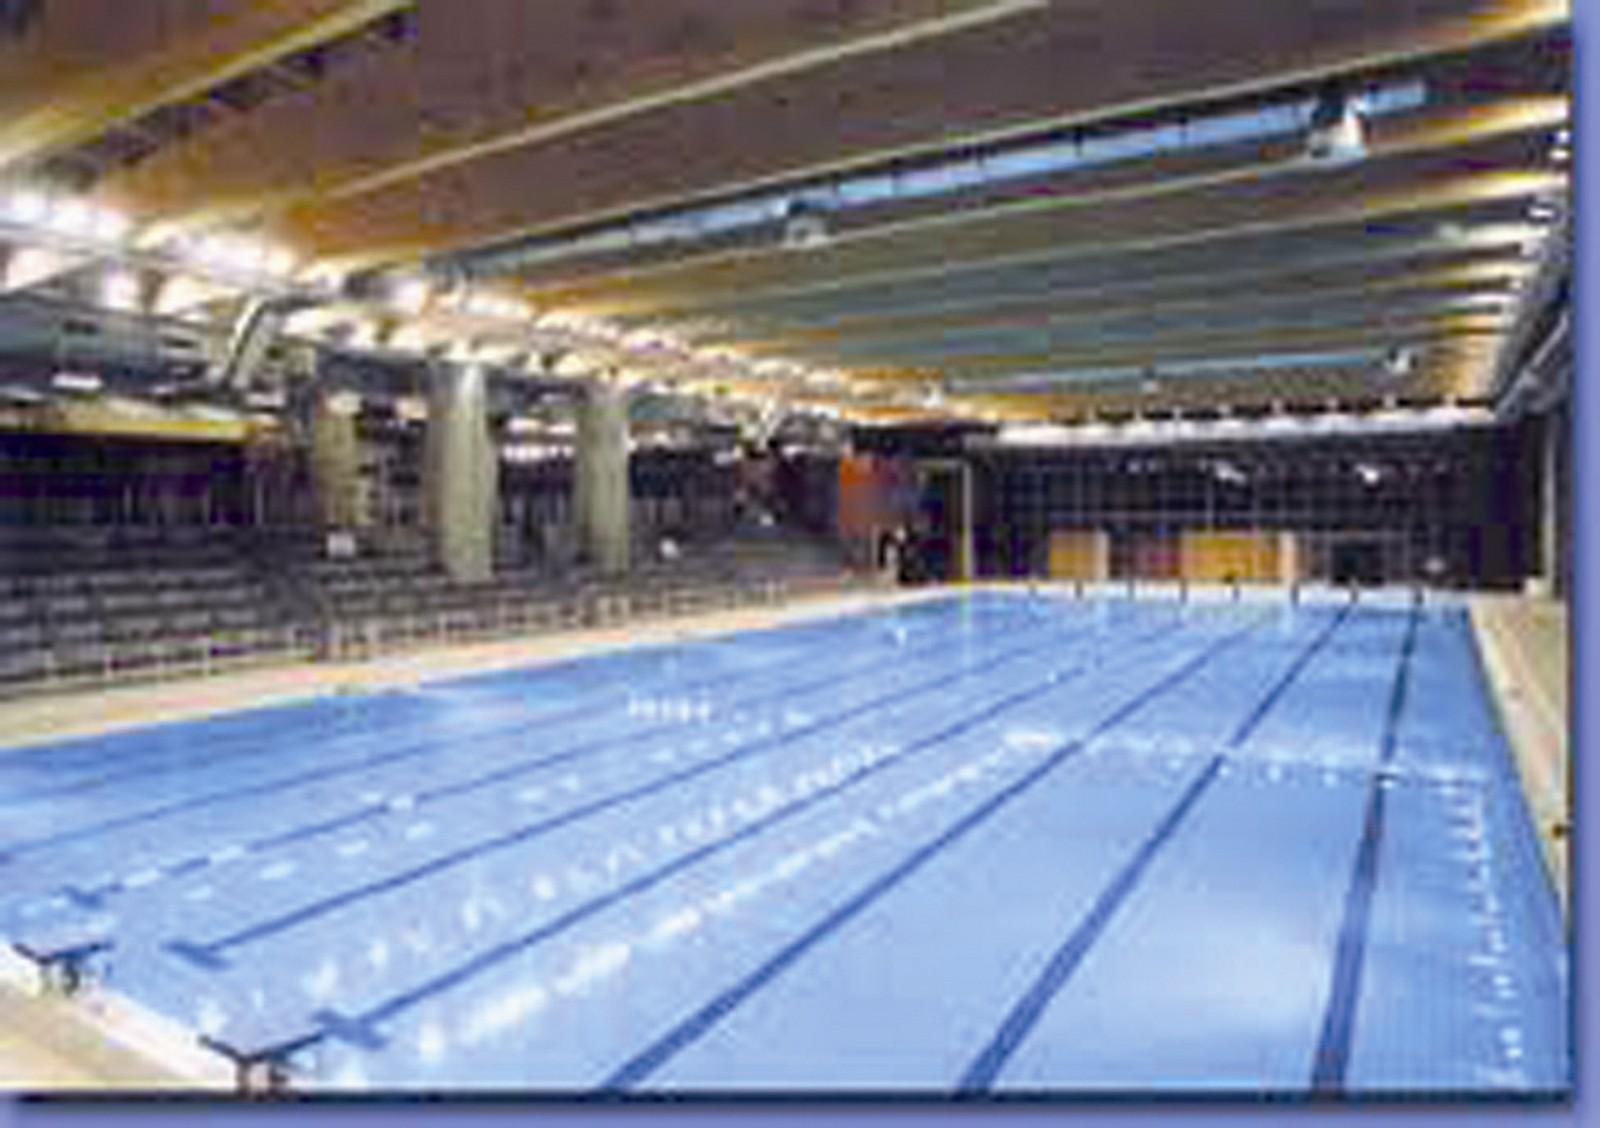 Piscina di nesima le associazioni sportive catanesi for Piani di piscina gratuiti online